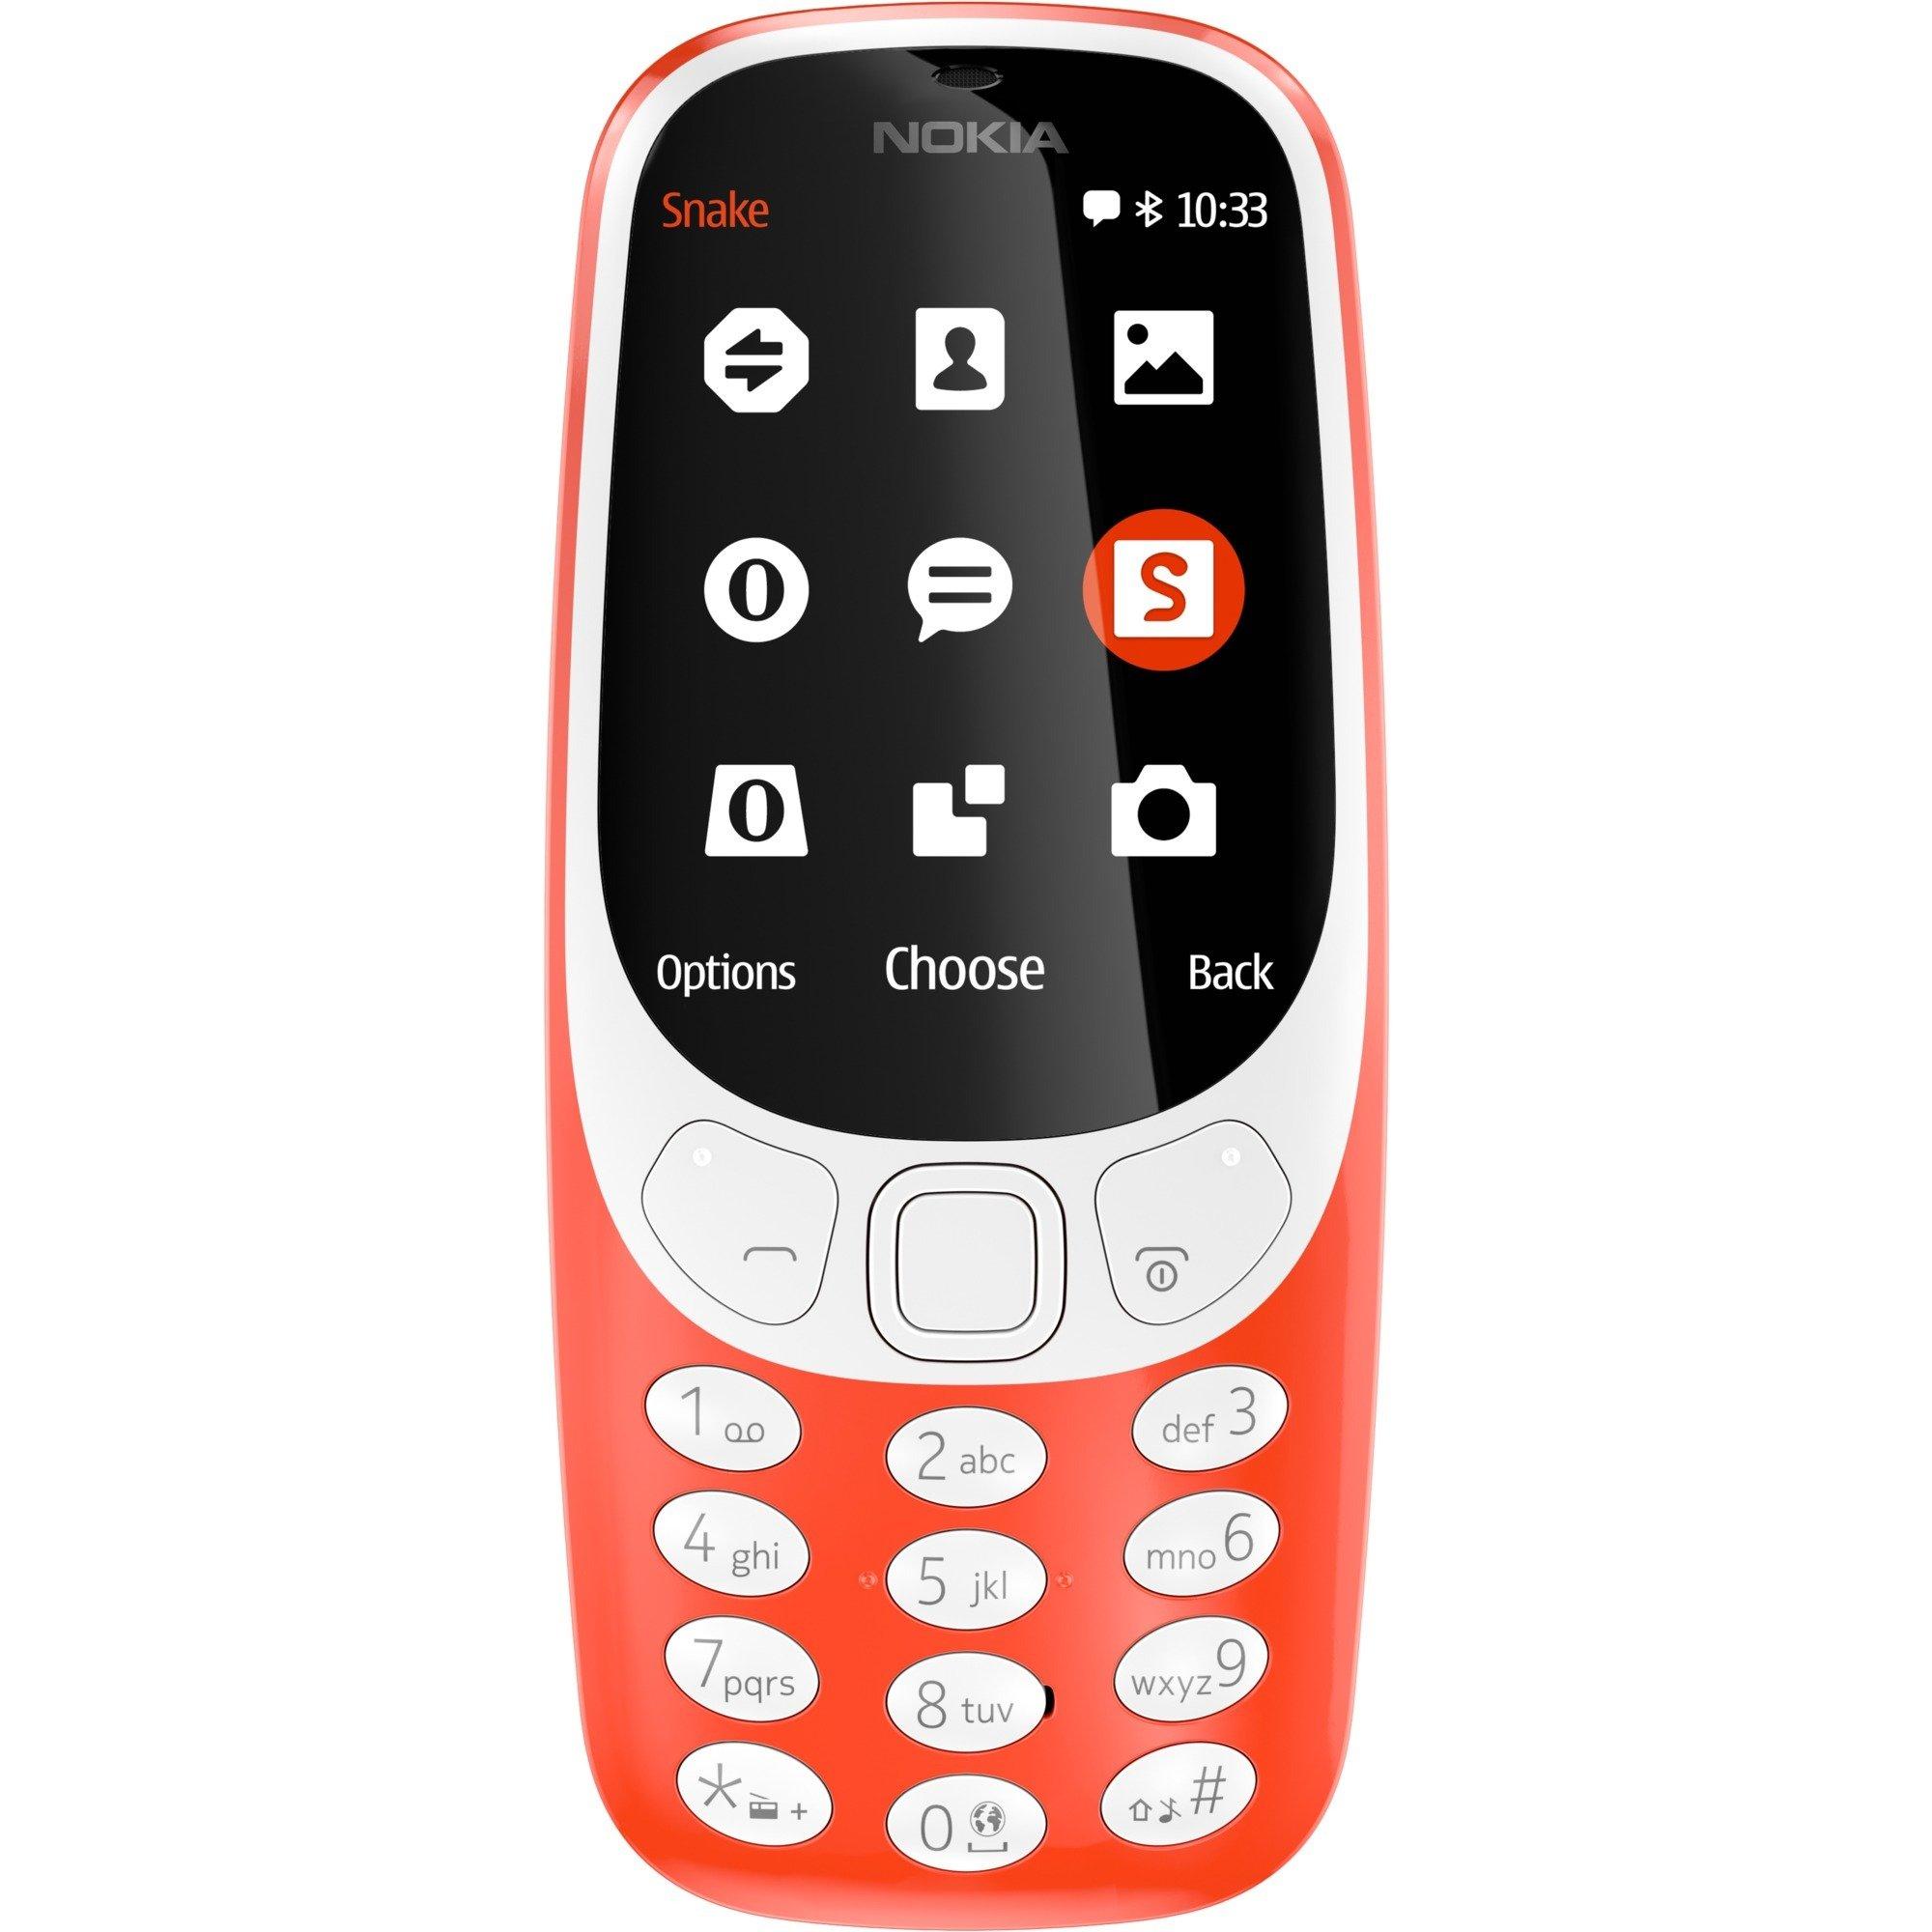 """3310 6,1 cm (2.4"""") Naranja Característica del teléfono, Móvil"""